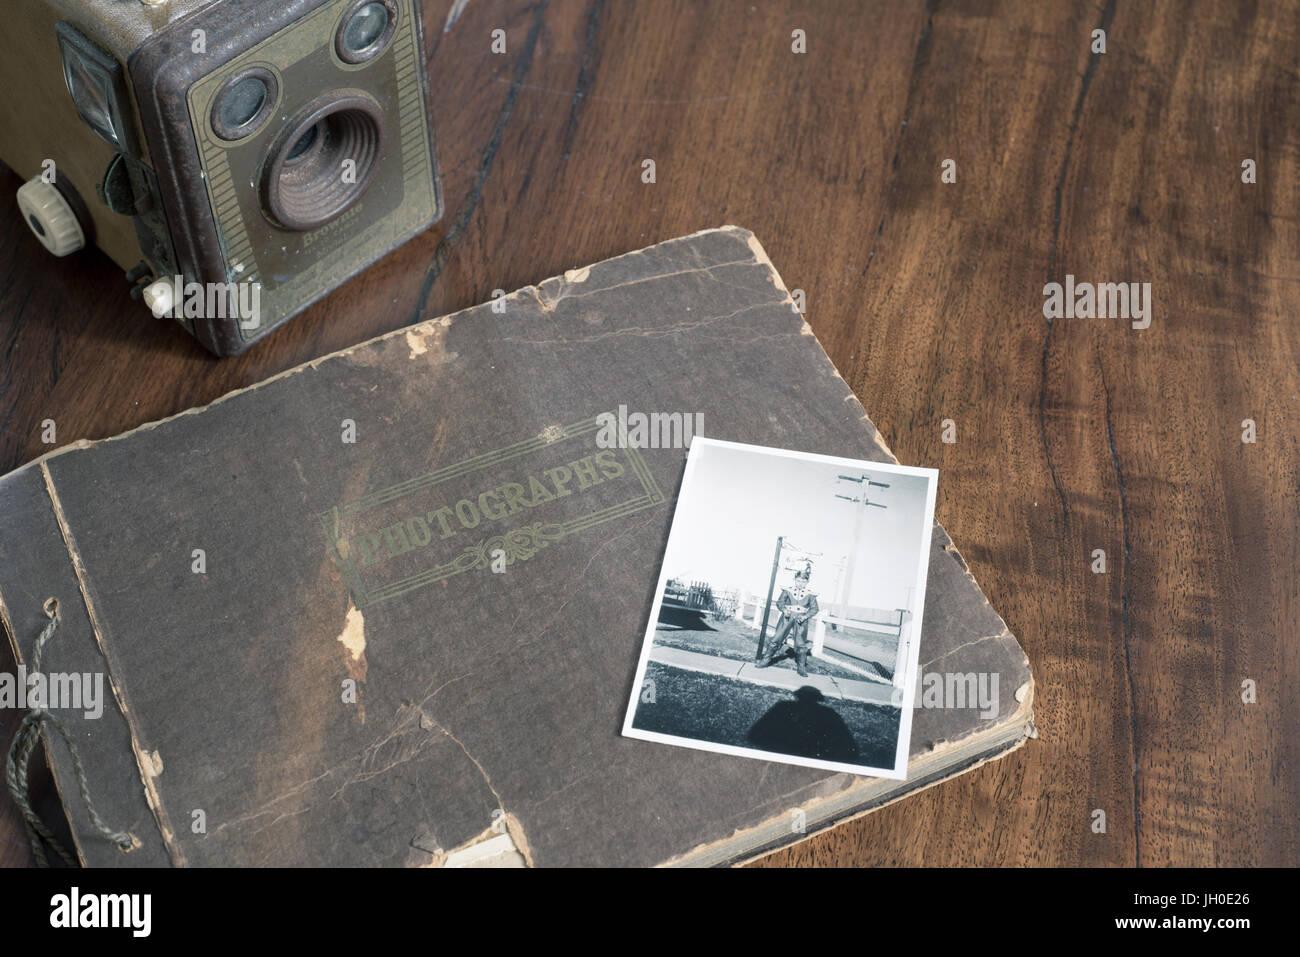 Alte Kodak Brownie Kamera mit alten schwarz-weiß Familienfotos. Geschichte und Herkunft Familienbilder. Stockbild